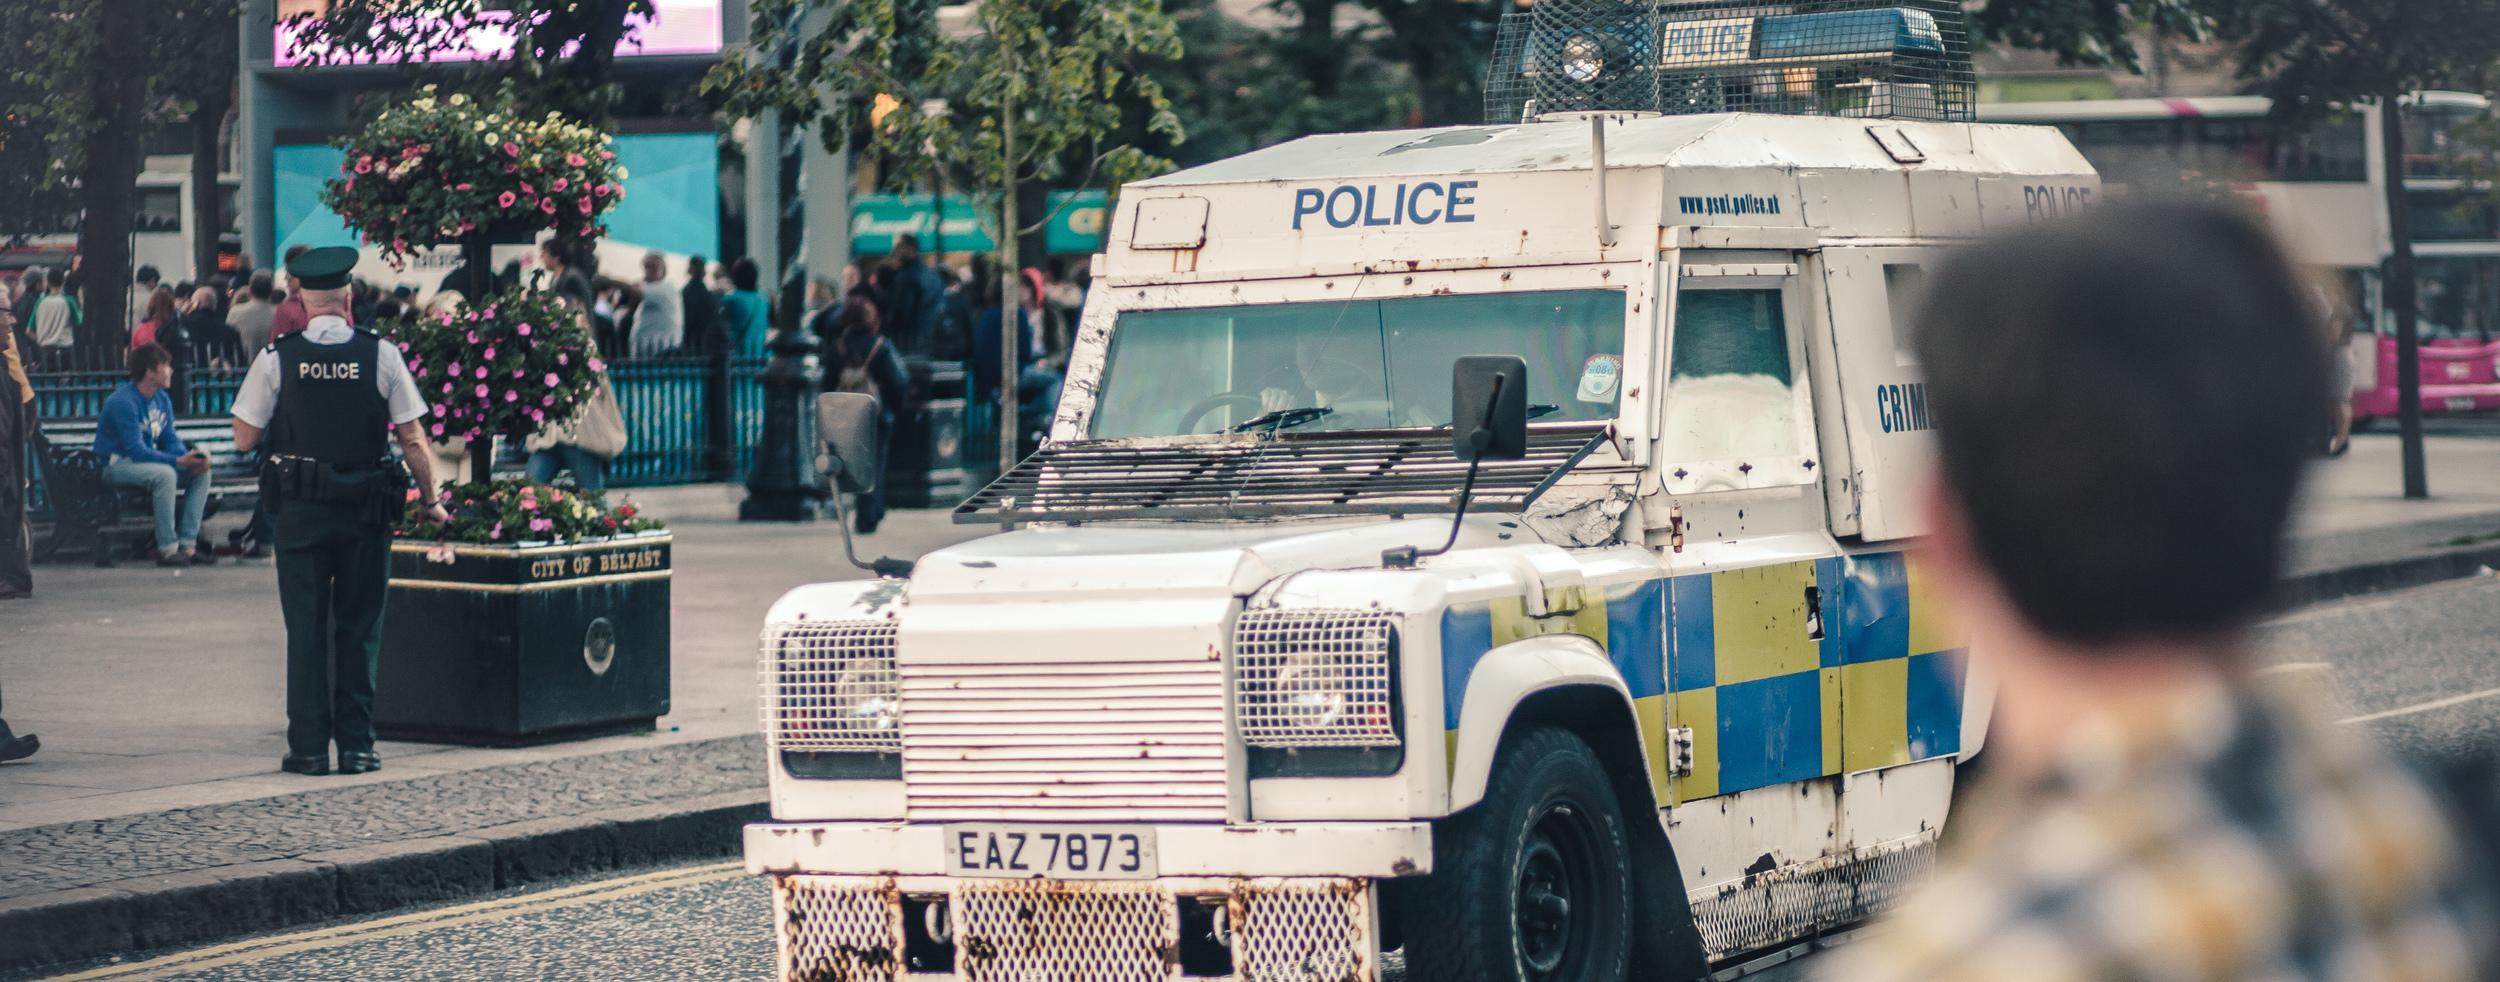 Police vehicle in city center Belfast, Northern Ireland, (photo captured Summer 2013)